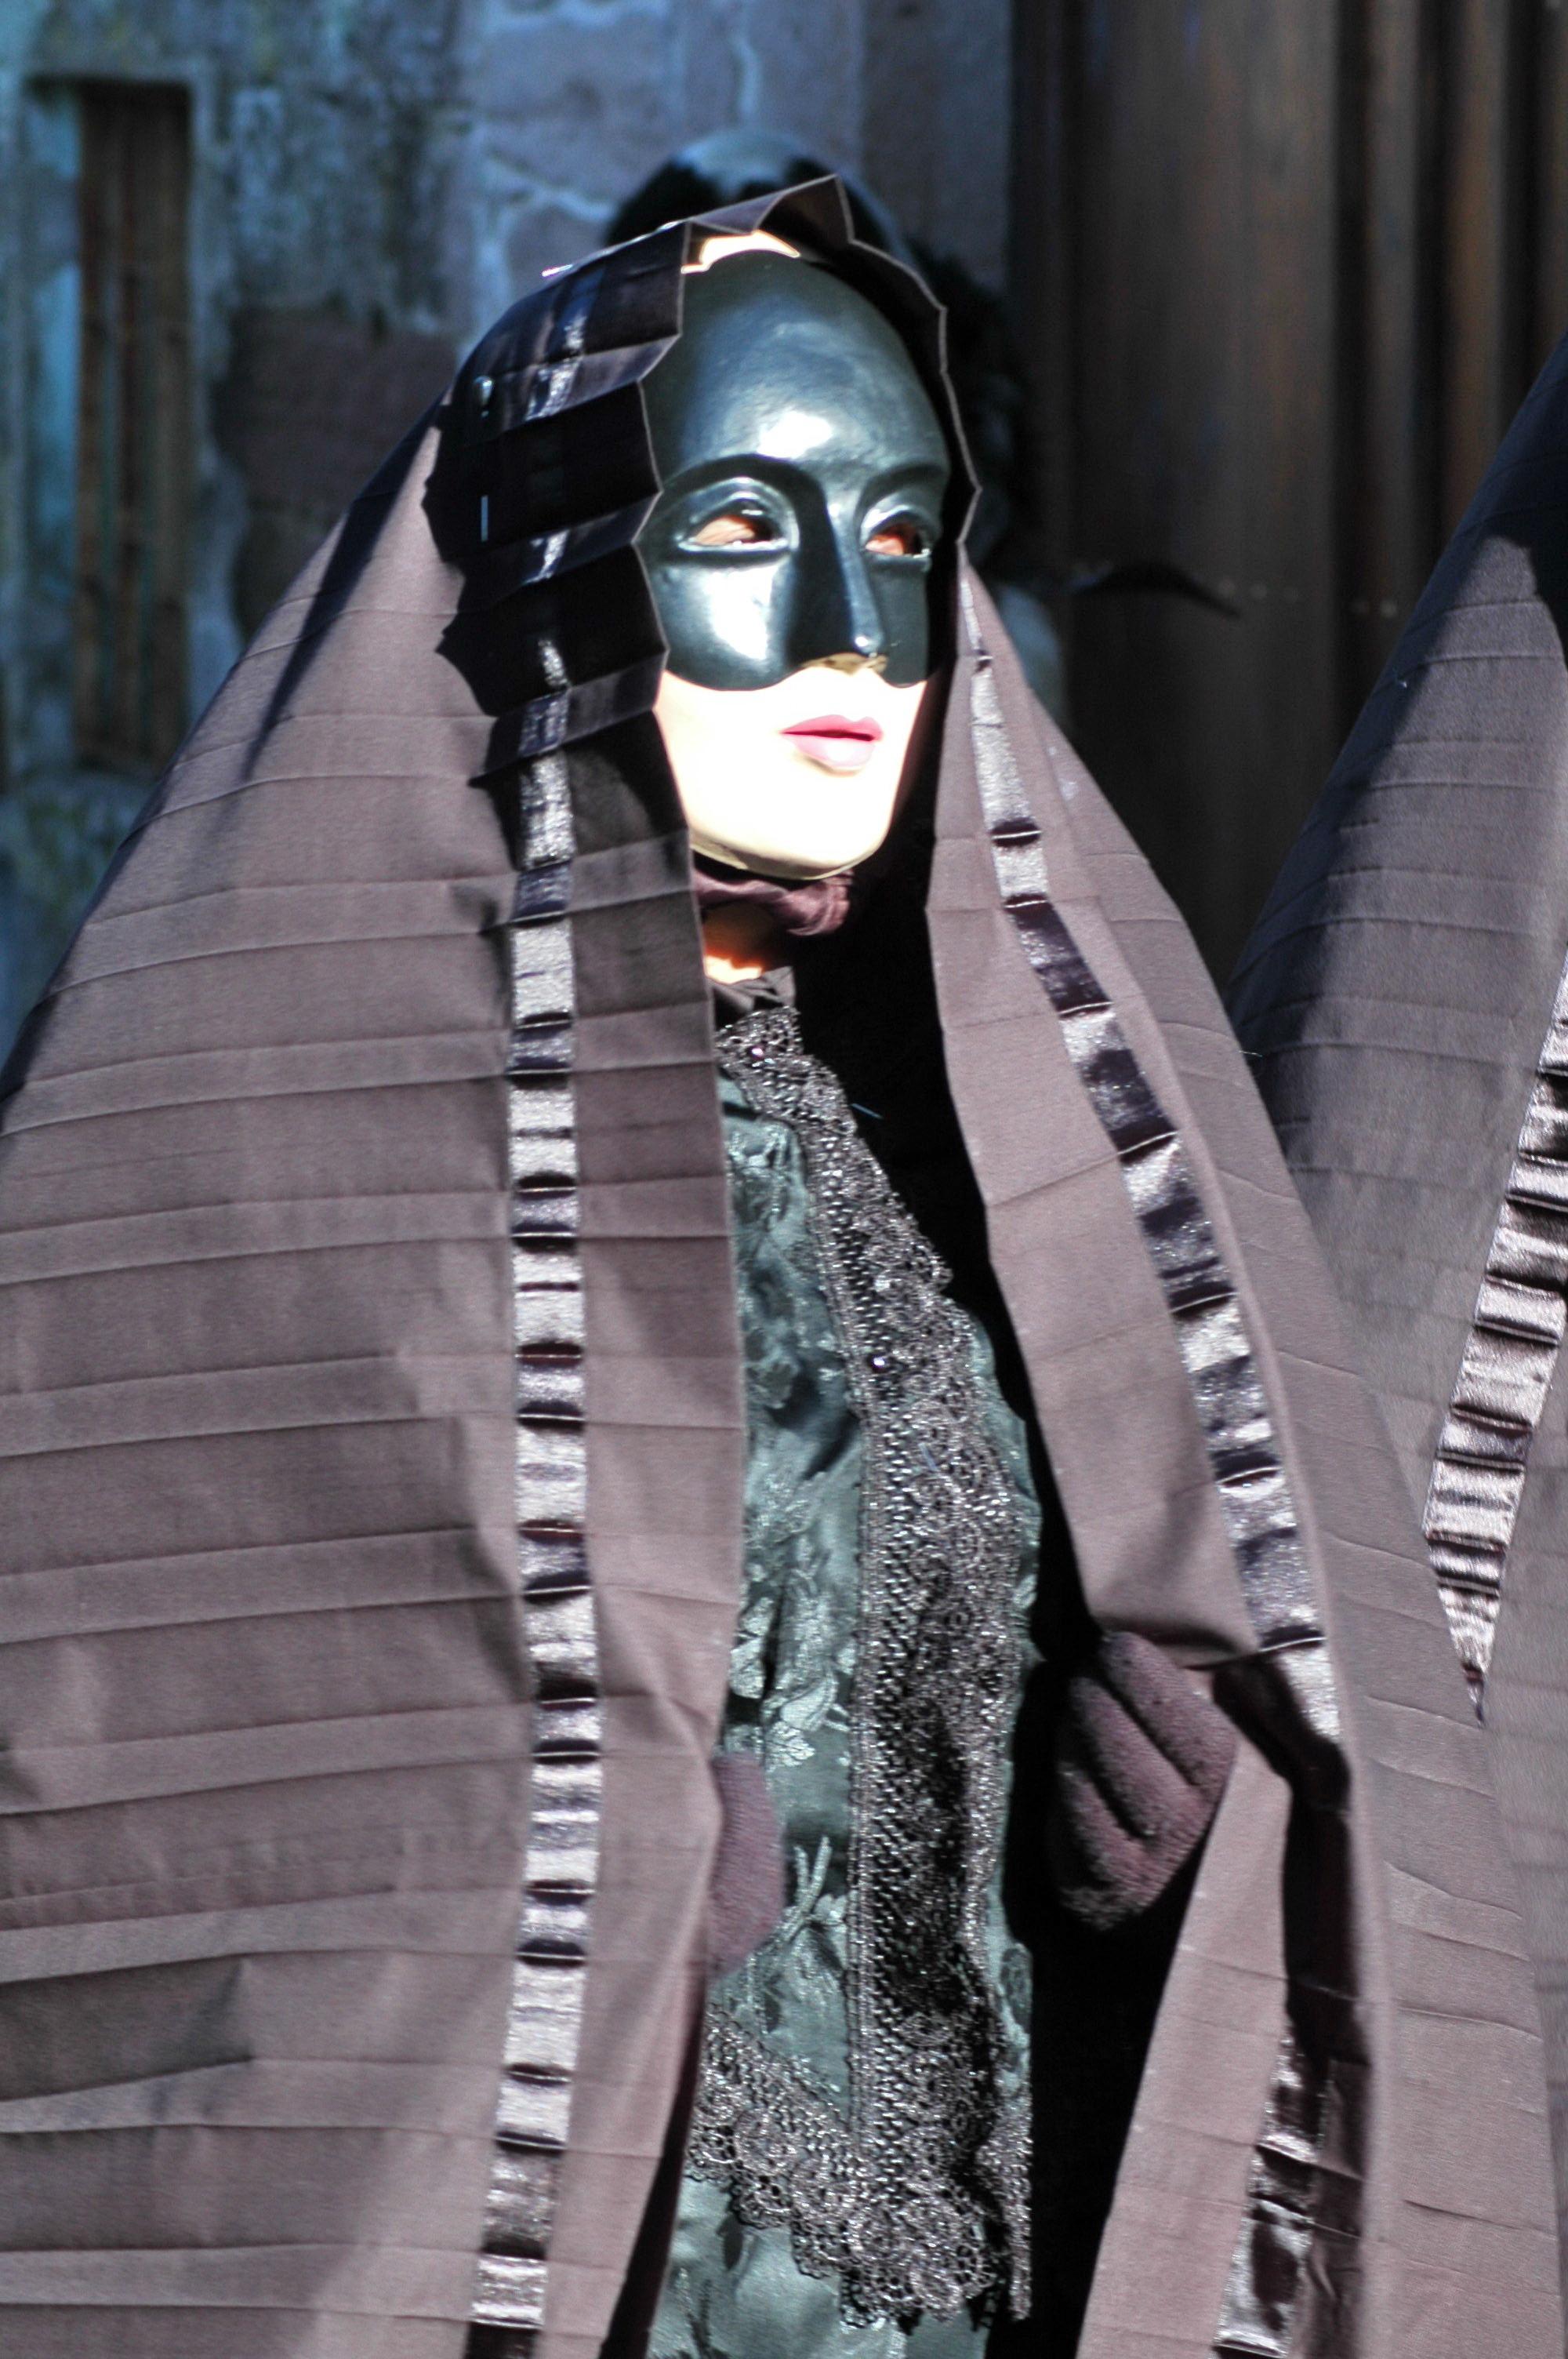 Aidomaggiore, la maschera a Lenzolu del Martedì grasso - Foto di Cristiano Cani